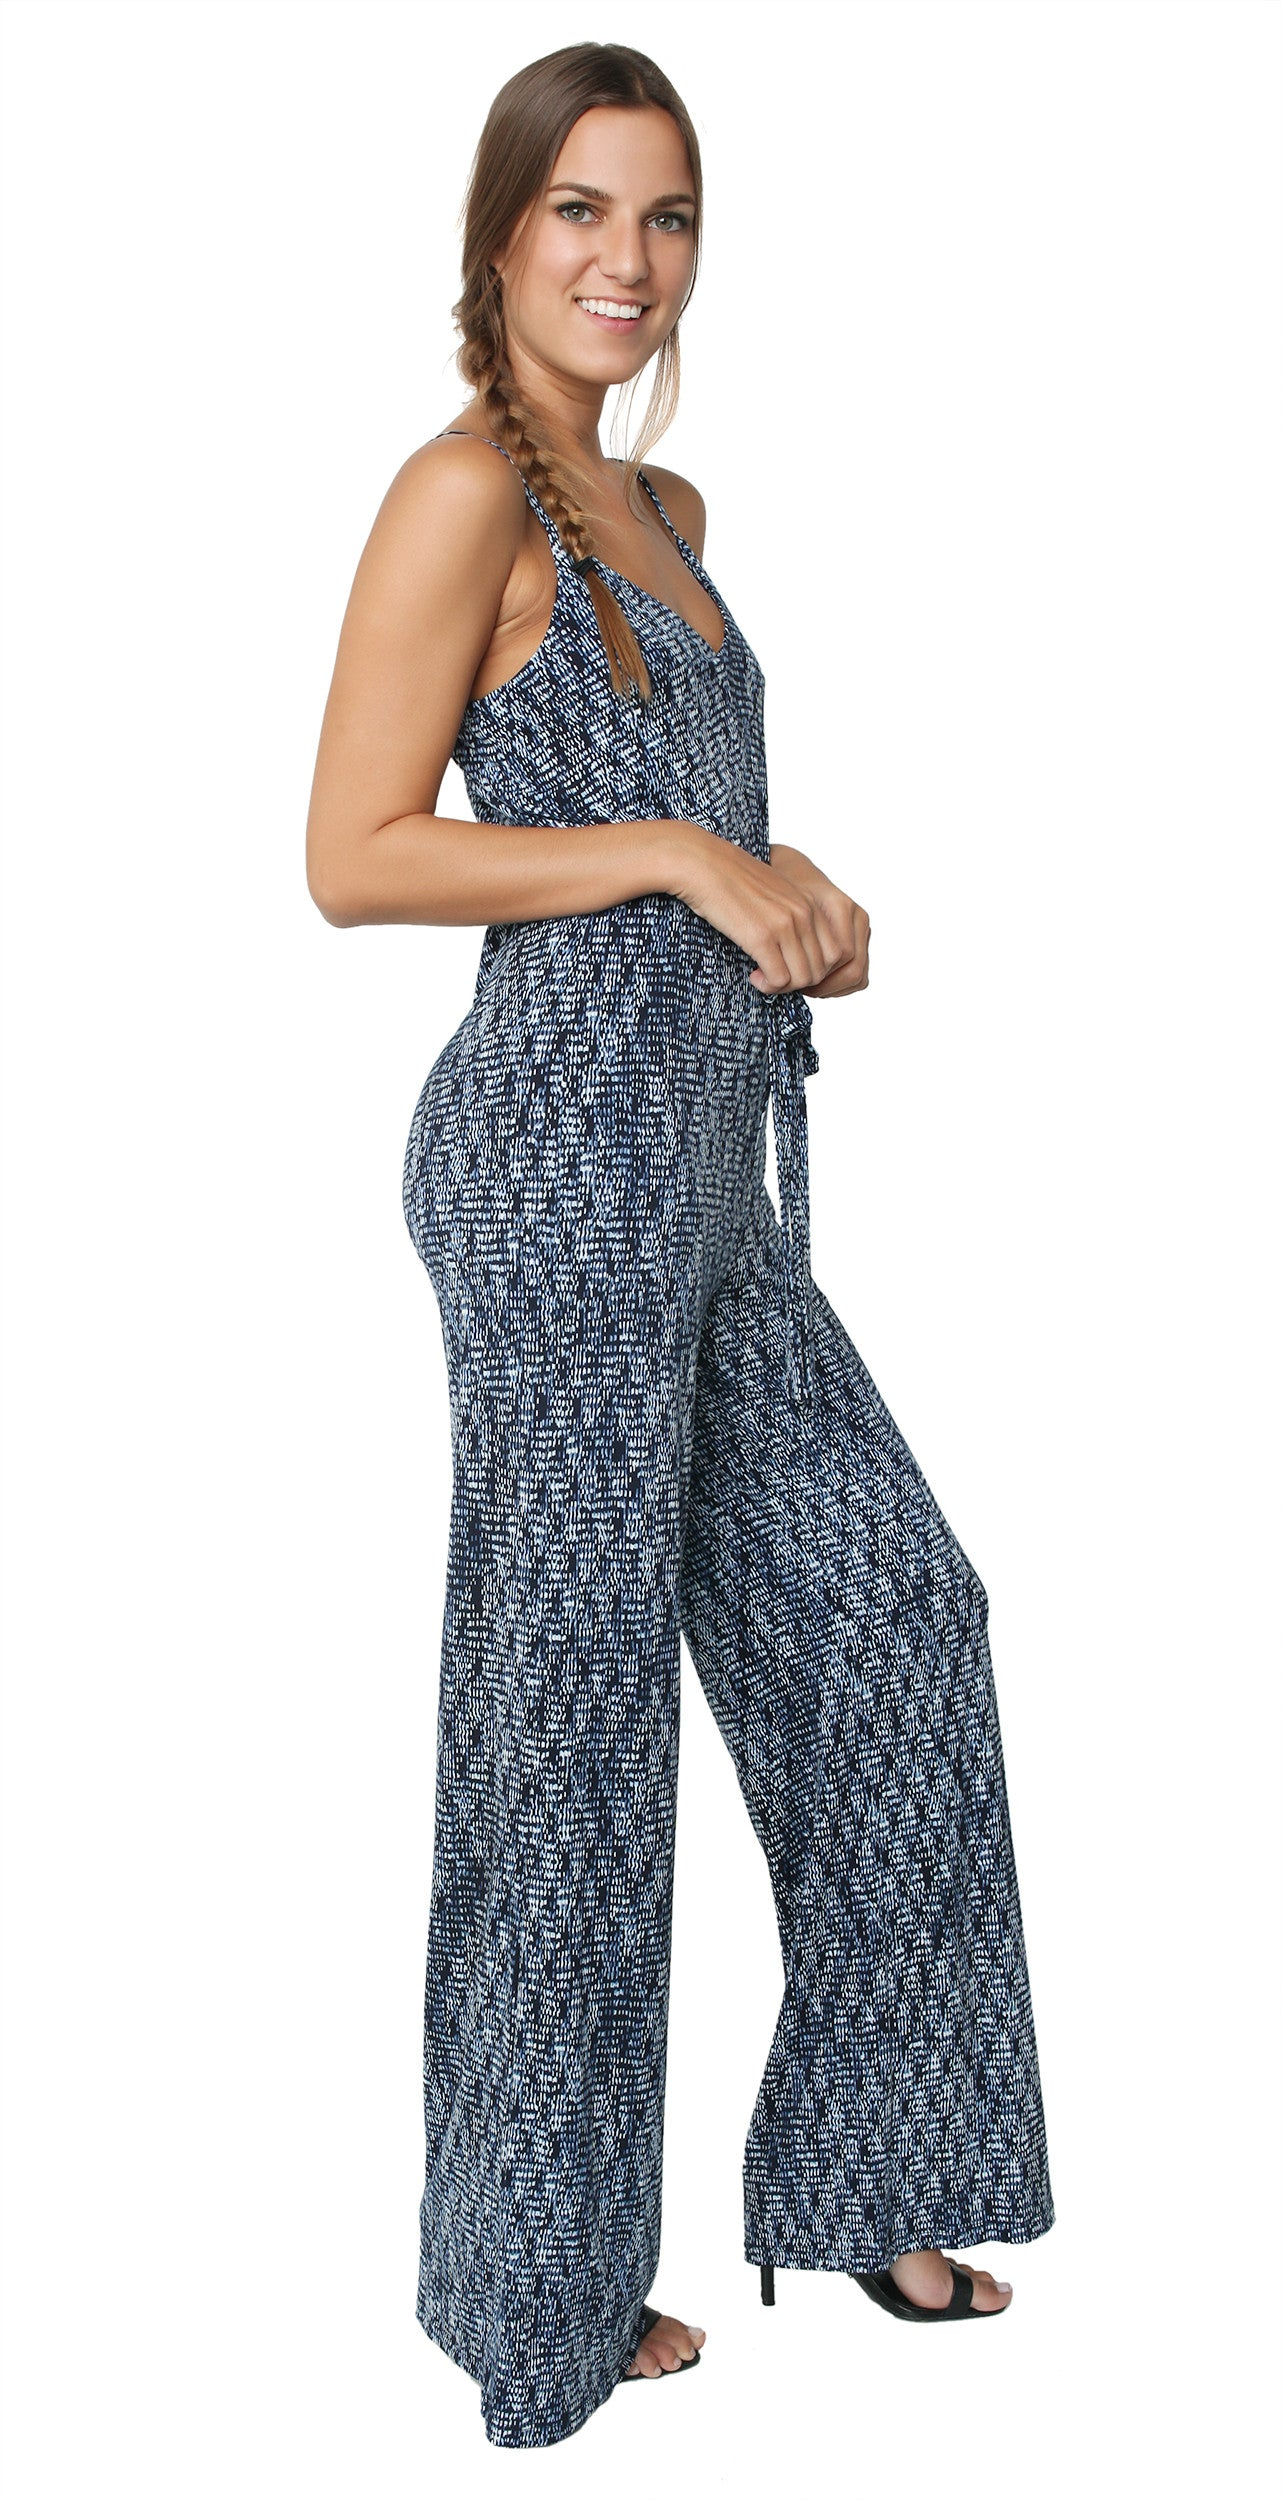 Veronica M Dresses Day Susana Wide Leg Jumpsuit Fashion Boutique